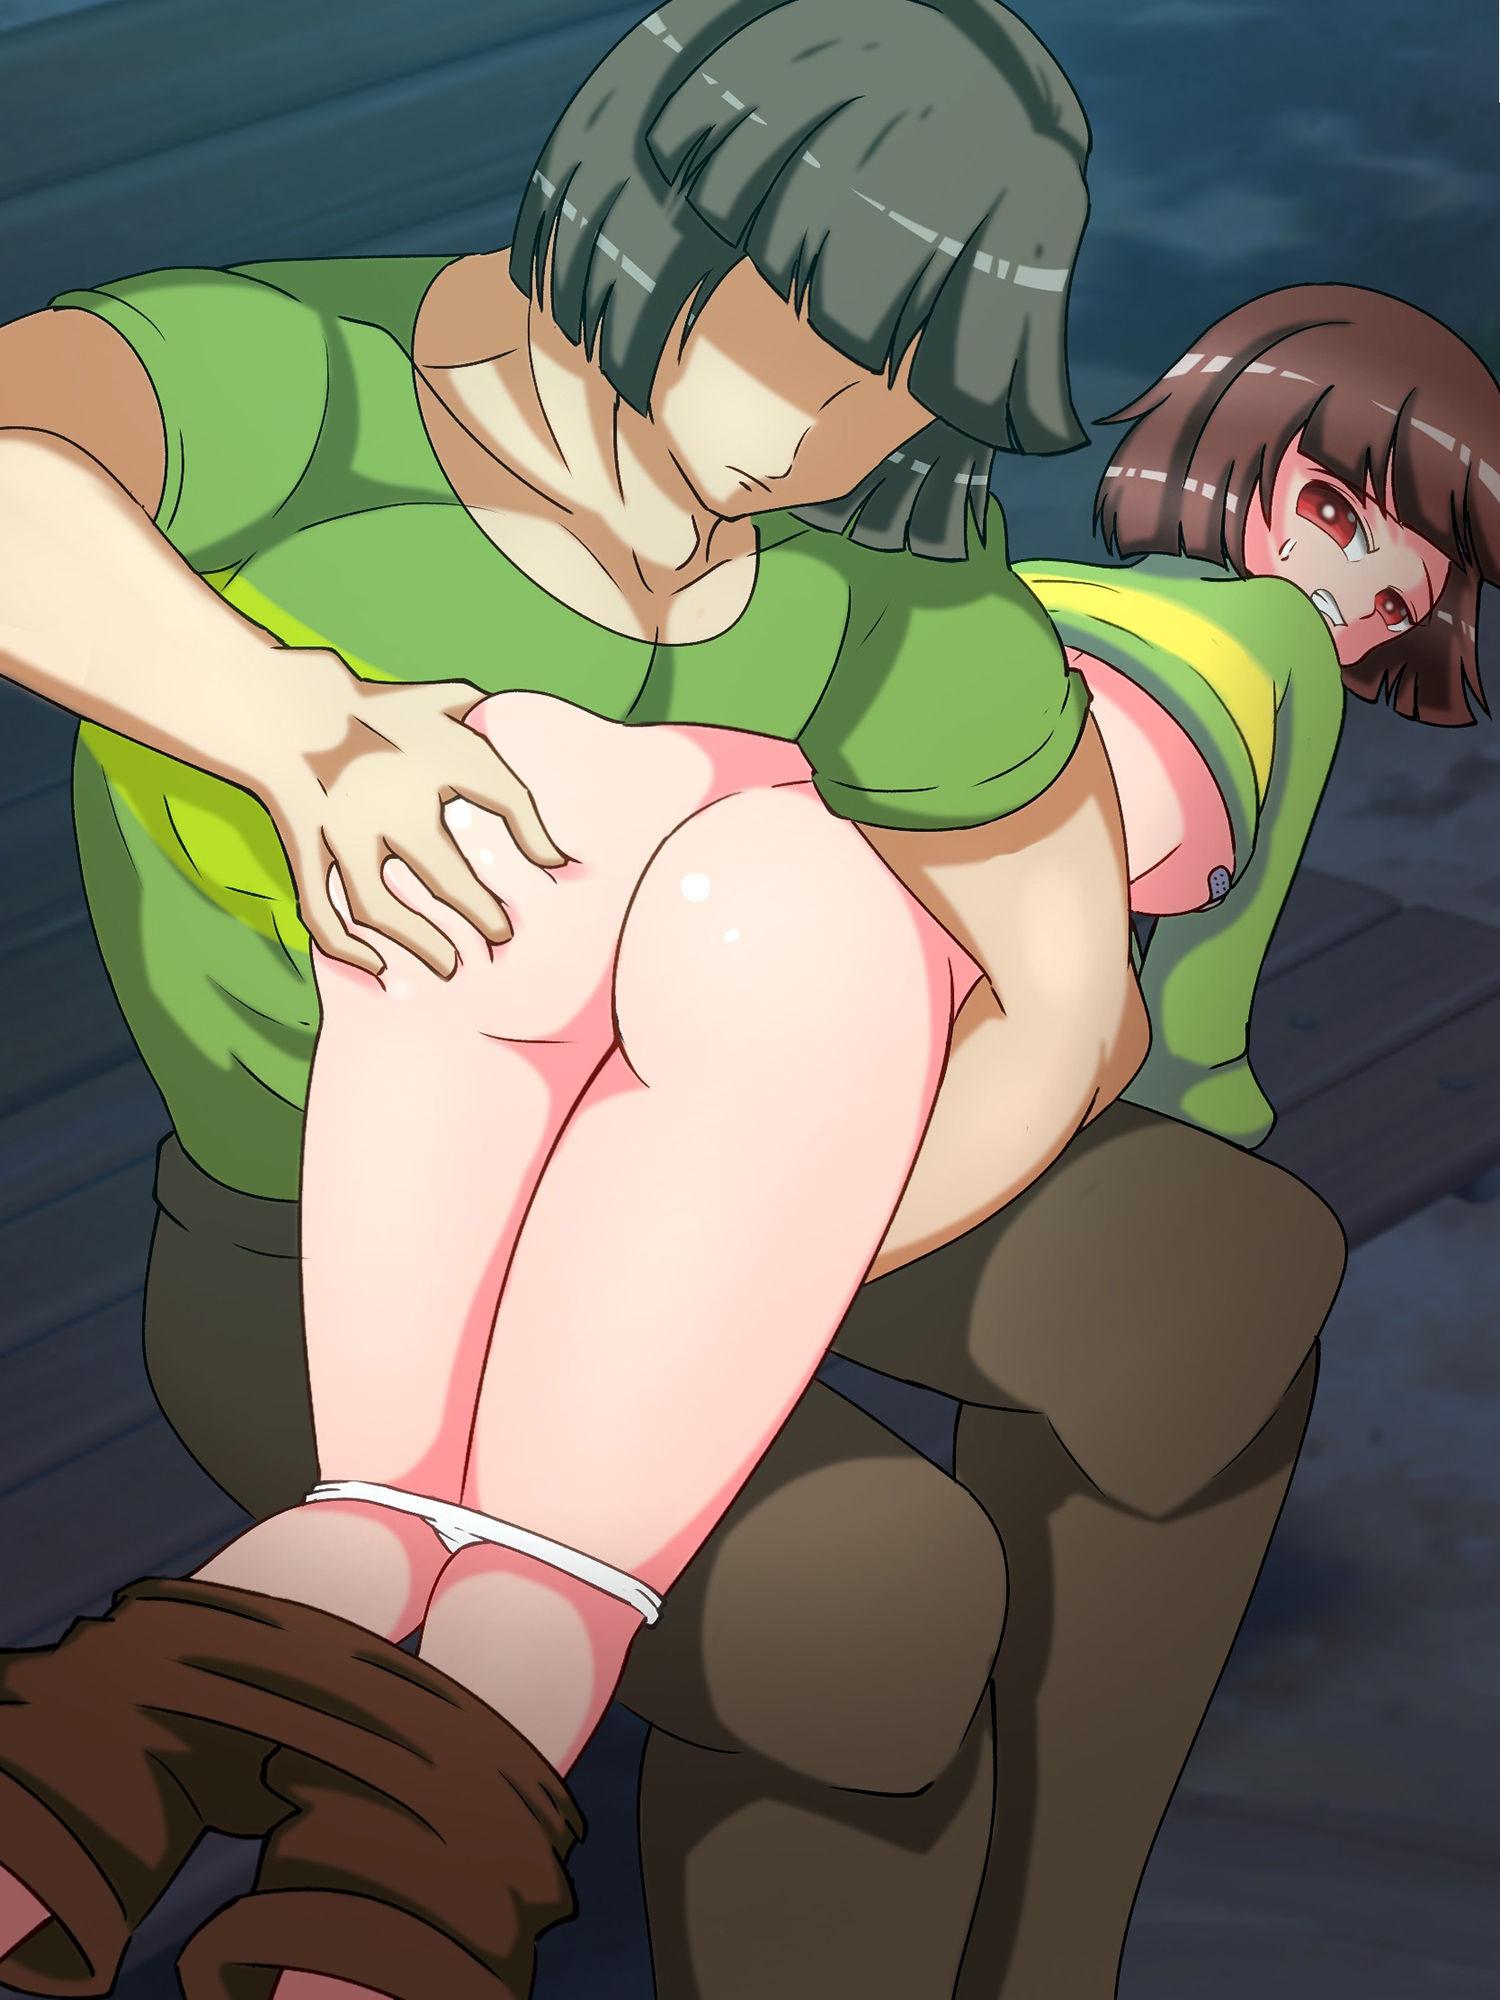 スパンキングイラスト集 my spanking artworks vol.1